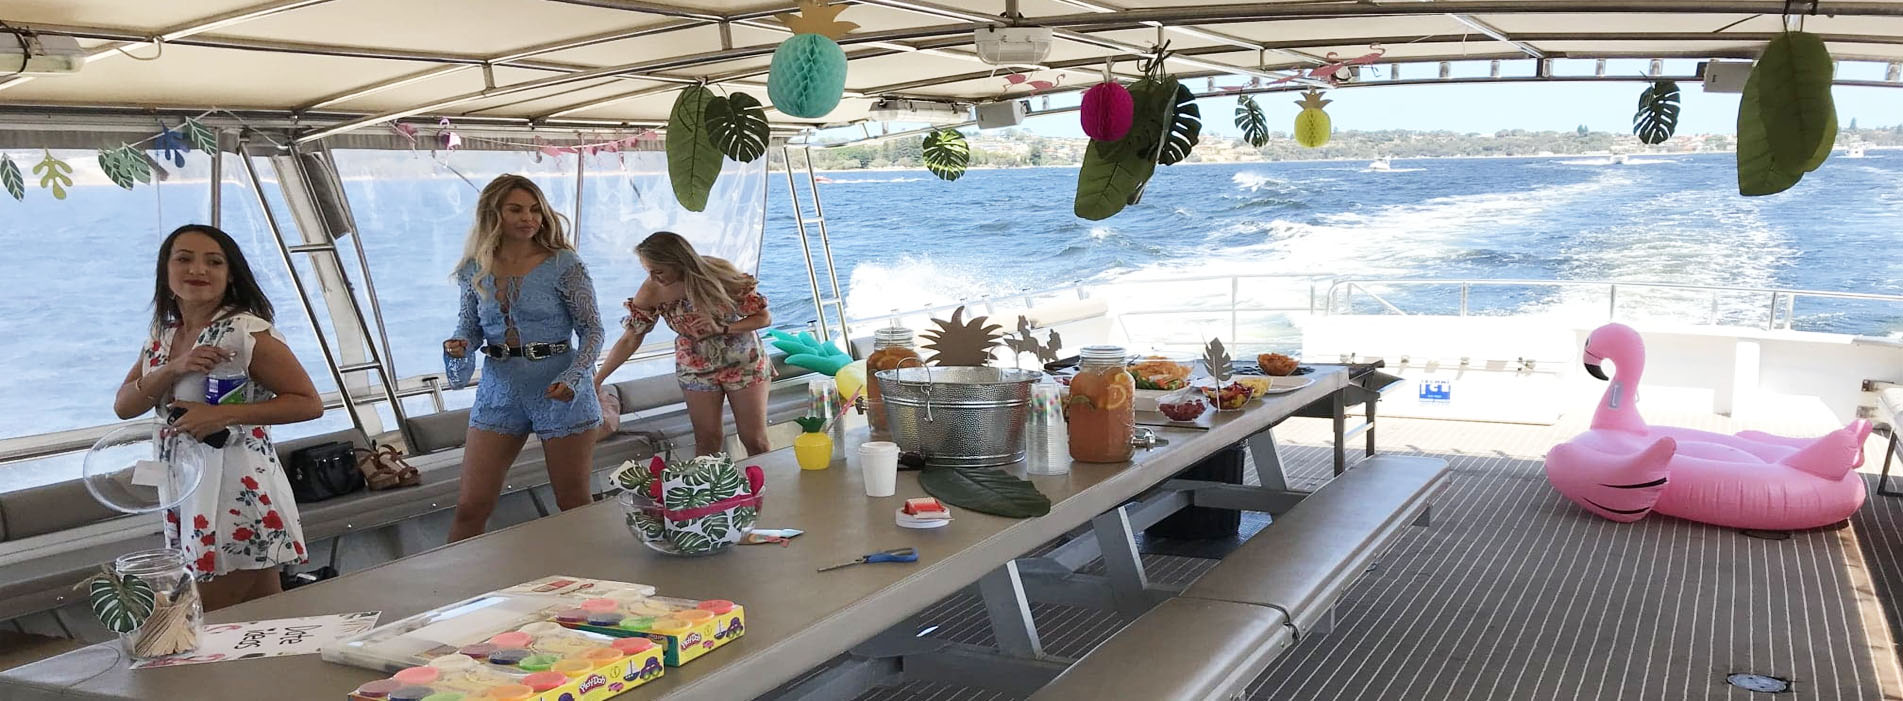 AUSSIE WARRIOR girls tropical party them